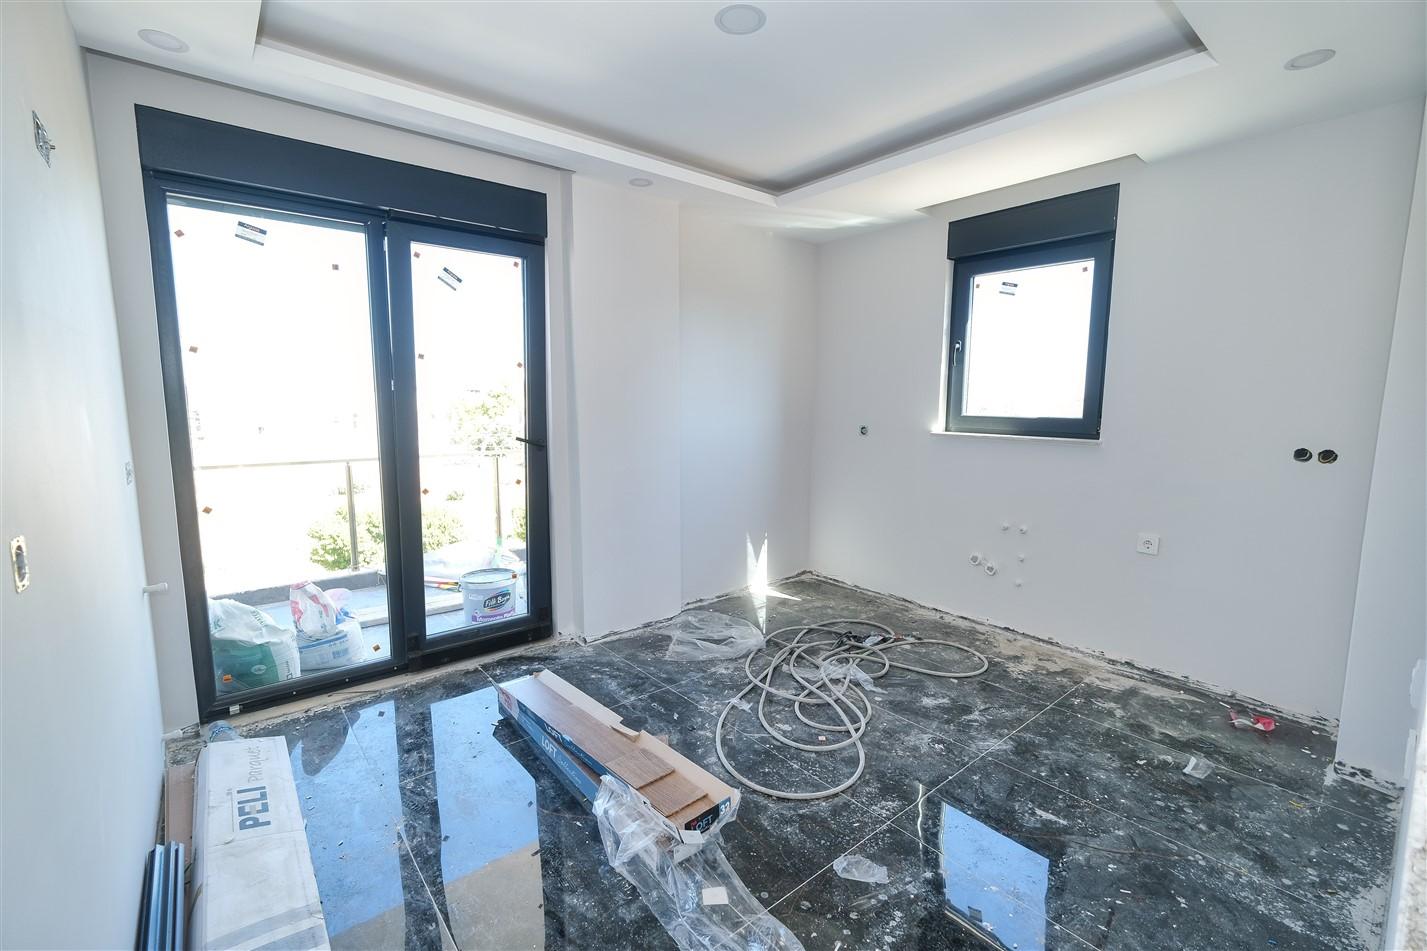 Четырёхкомнатная квартира в Анталье по демократичной цене - Фото 9